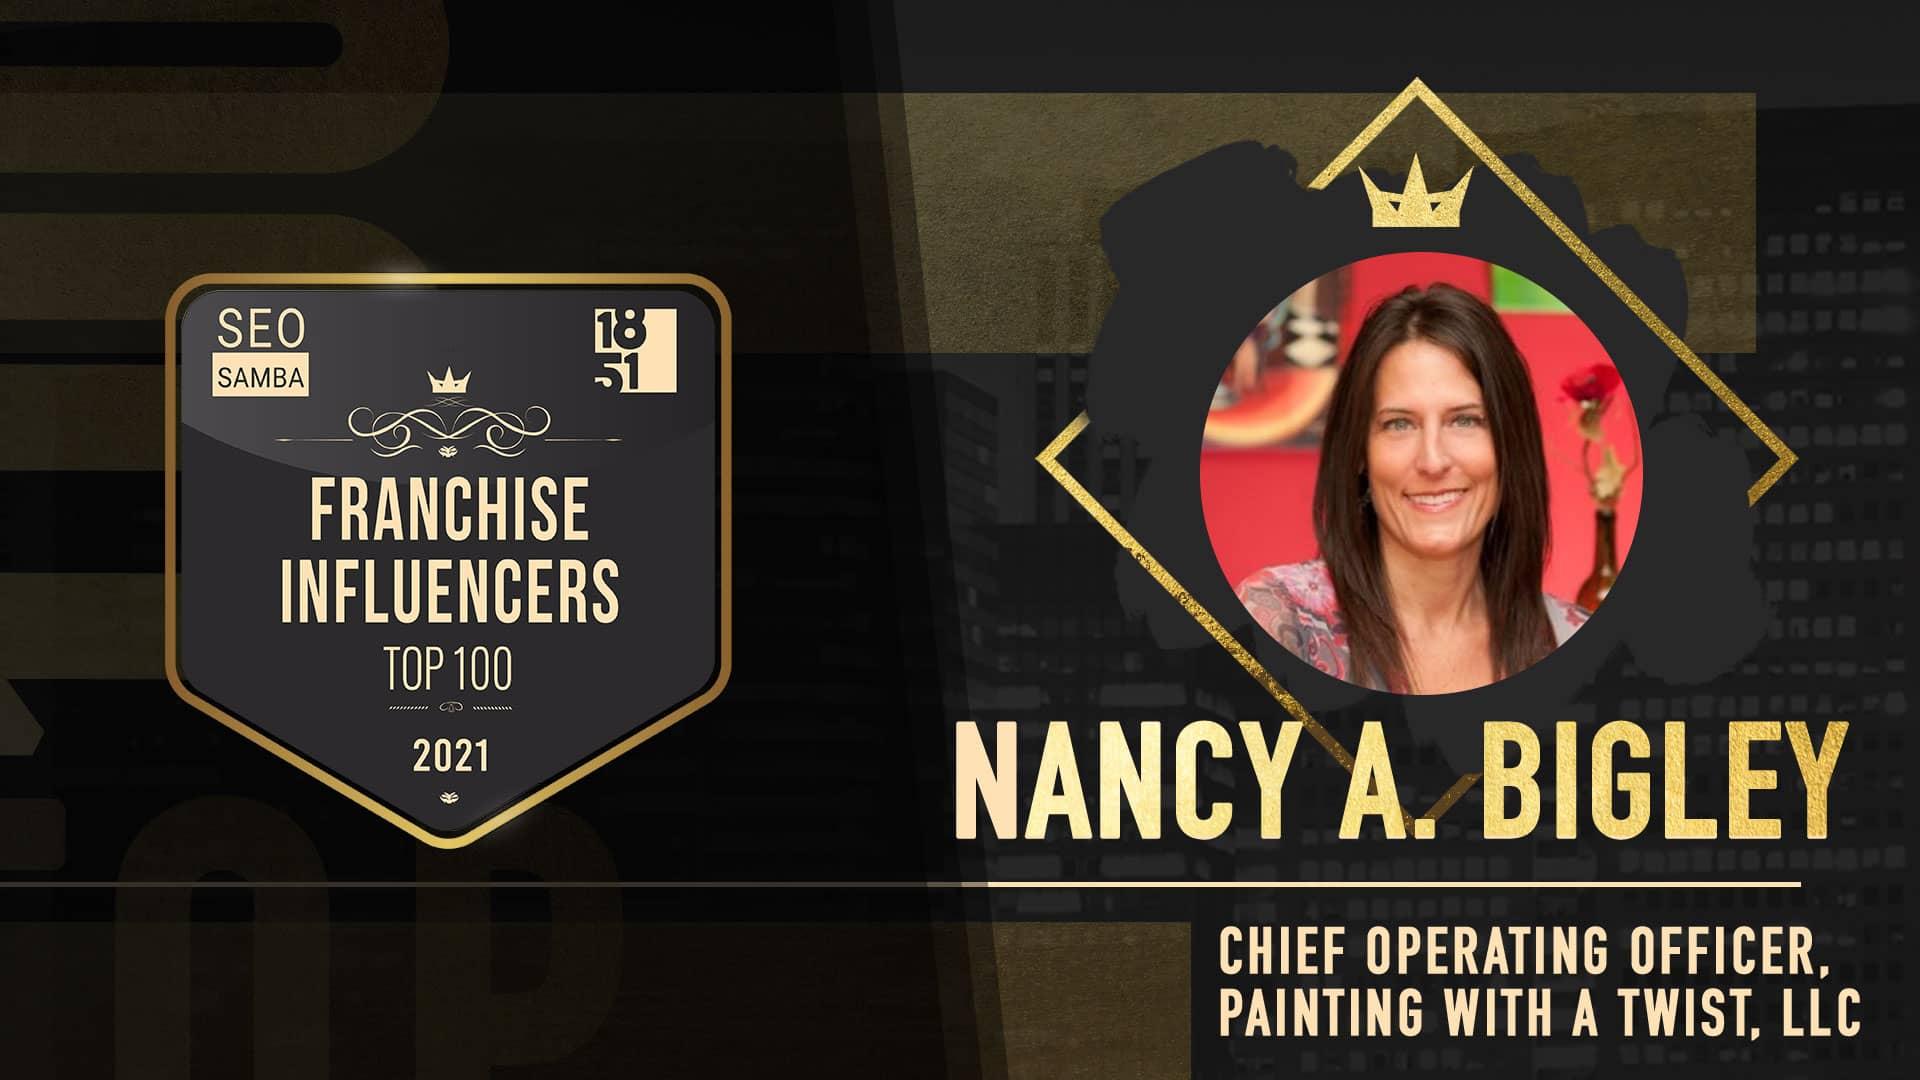 nancy-bigley-painting-with-a-twist